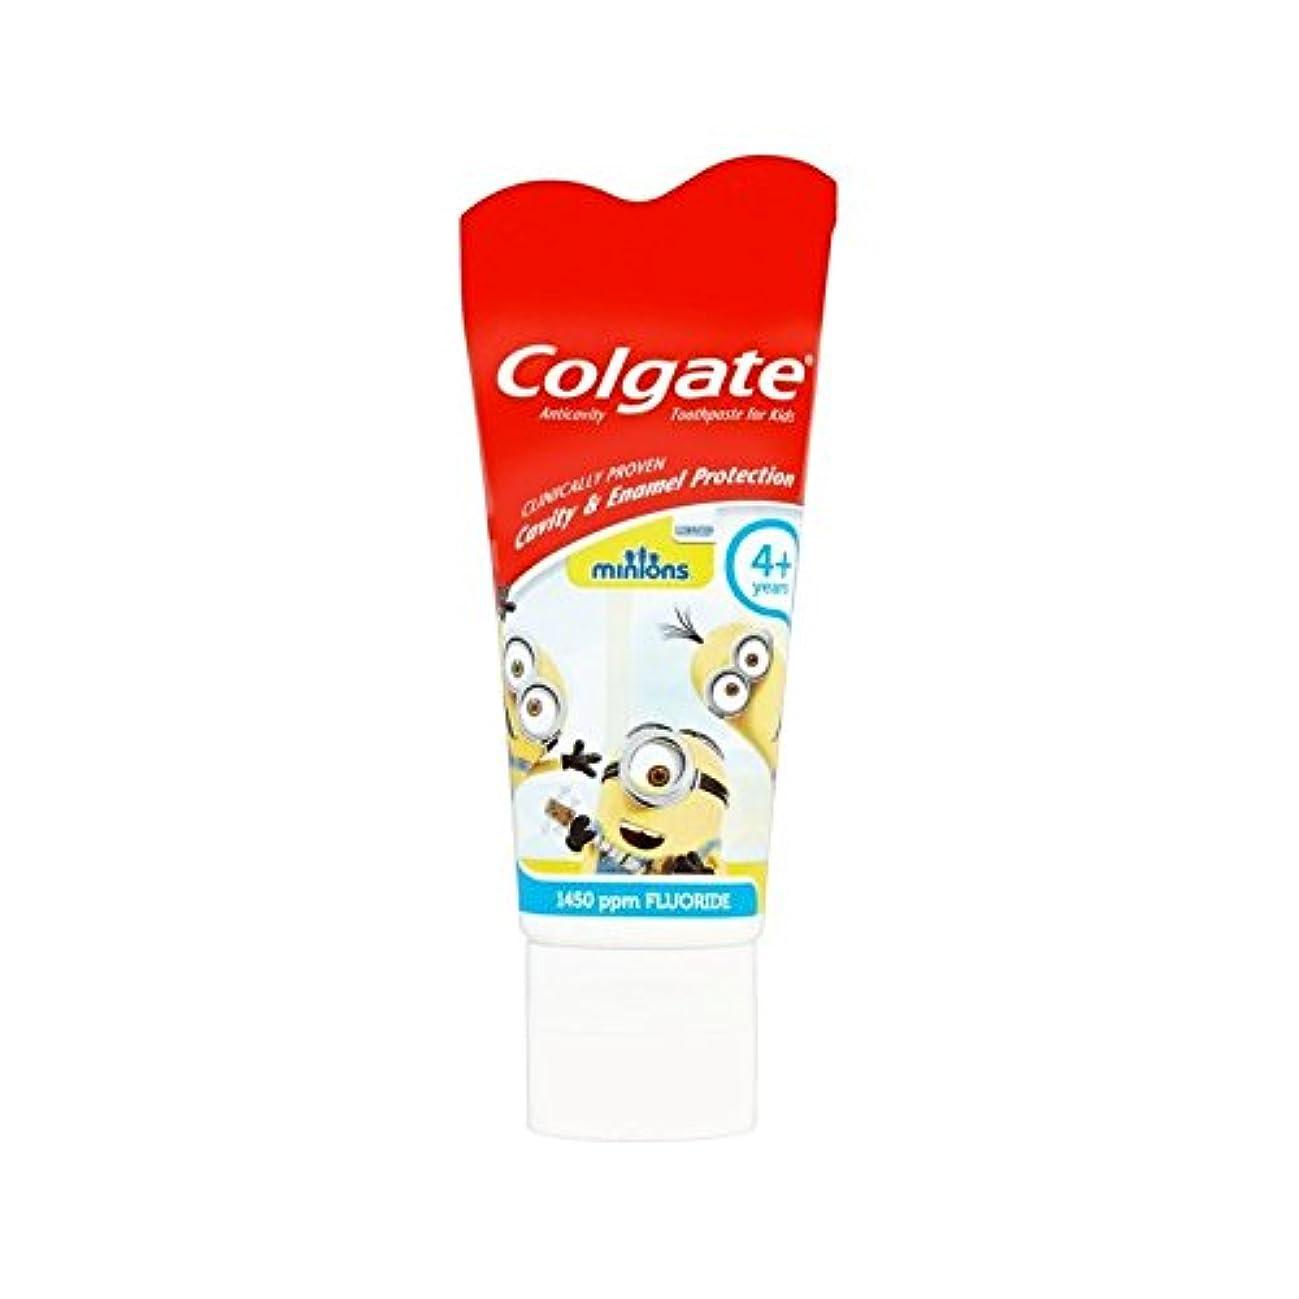 破壊する優しいルビー手下の子供4+歯磨き粉50ミリリットル (Colgate) - Colgate Minions Kids 4+ Toothpaste 50ml [並行輸入品]